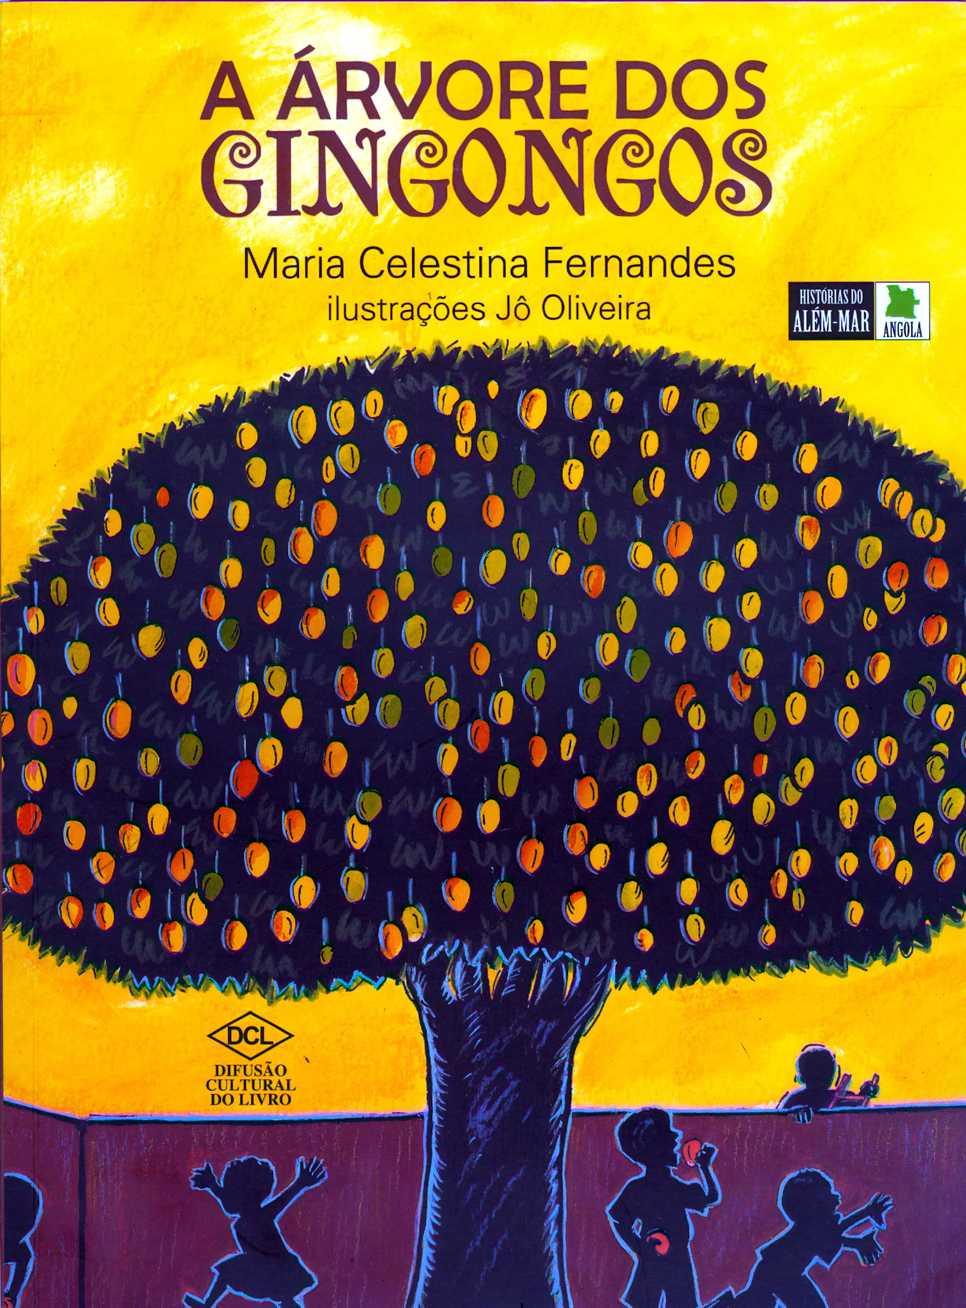 A Arvore dos Gingongos